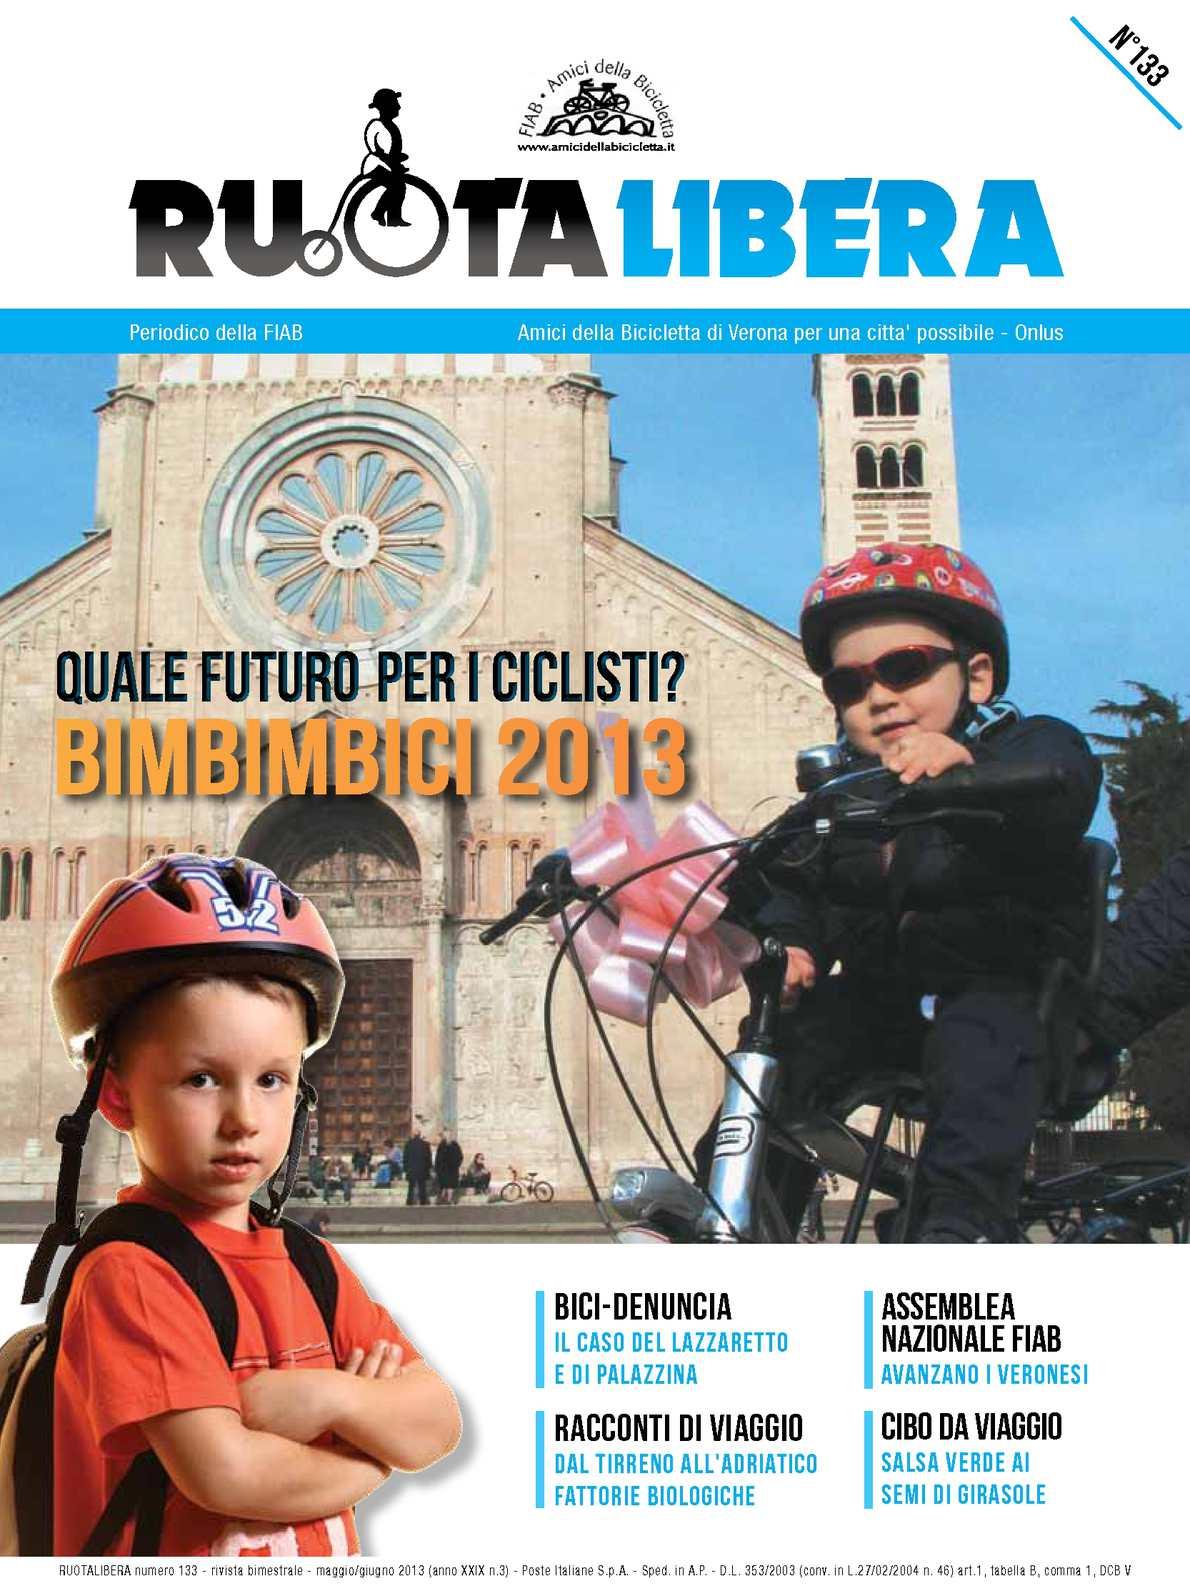 Ruotalibera 133 (maggio-agosto 2013) - FIAB AdB Verona